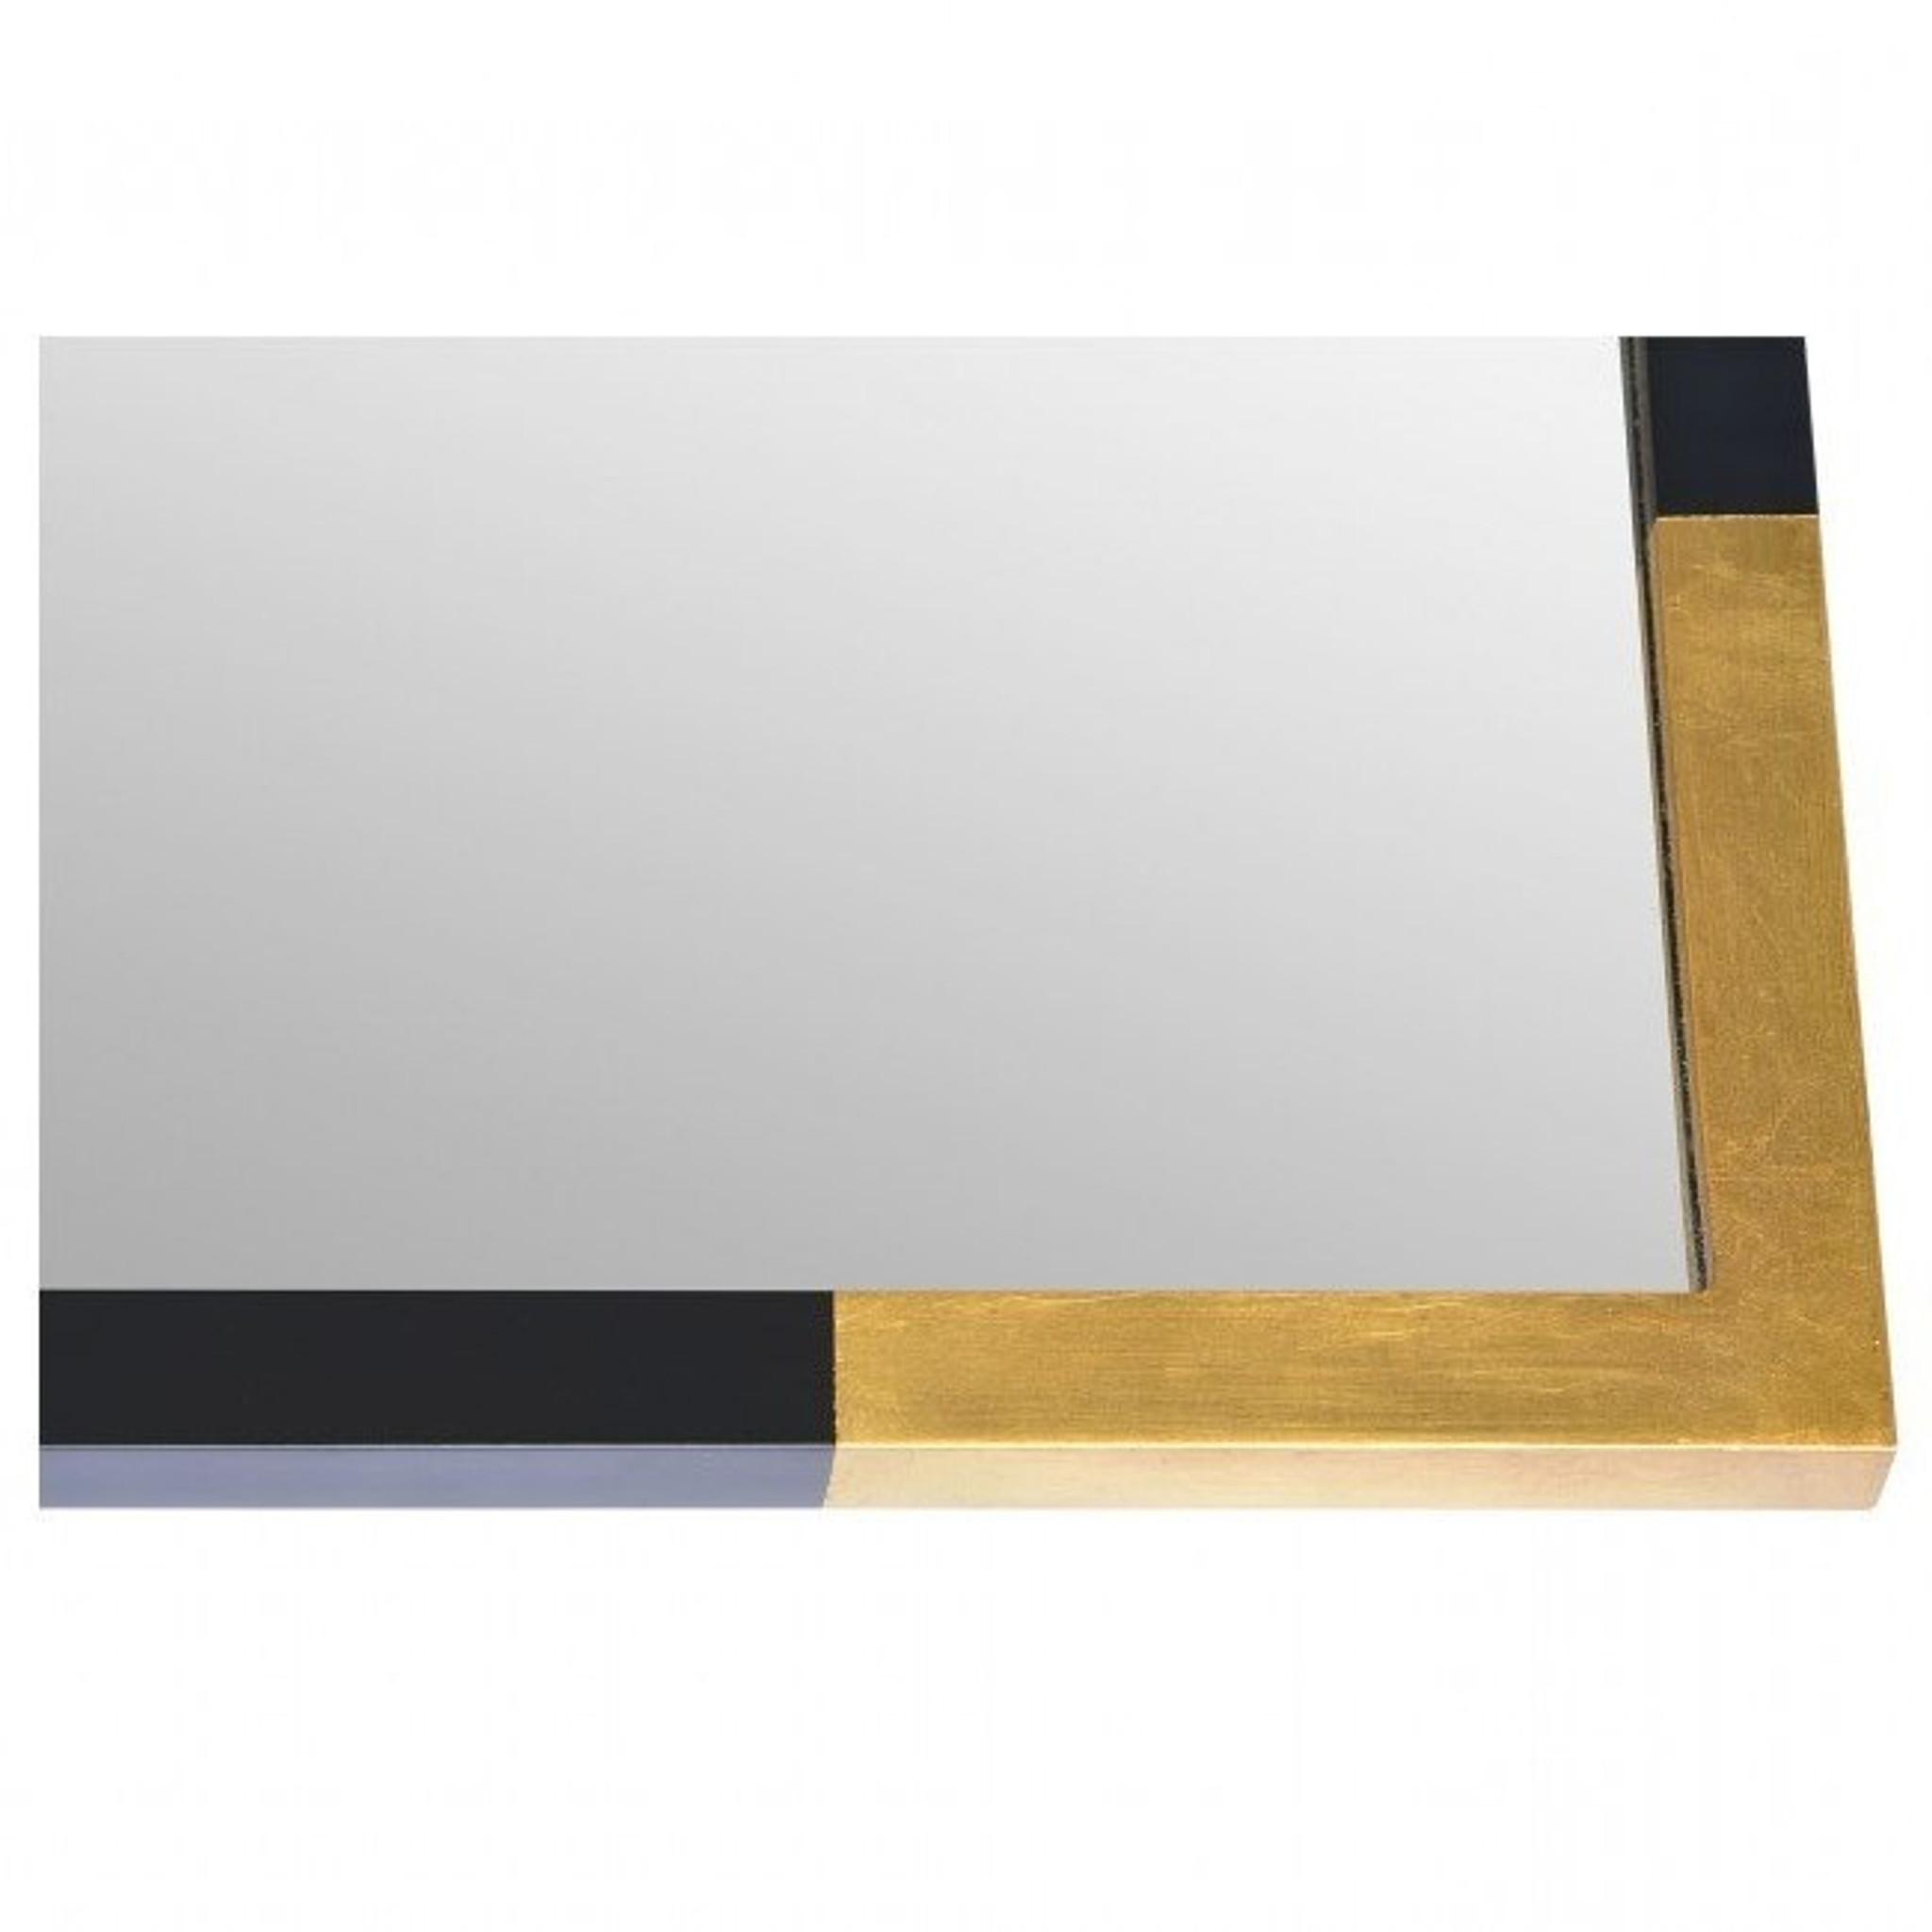 renwil Osmond black gold sexy chic elegant Hollywood glam modern wall mirror